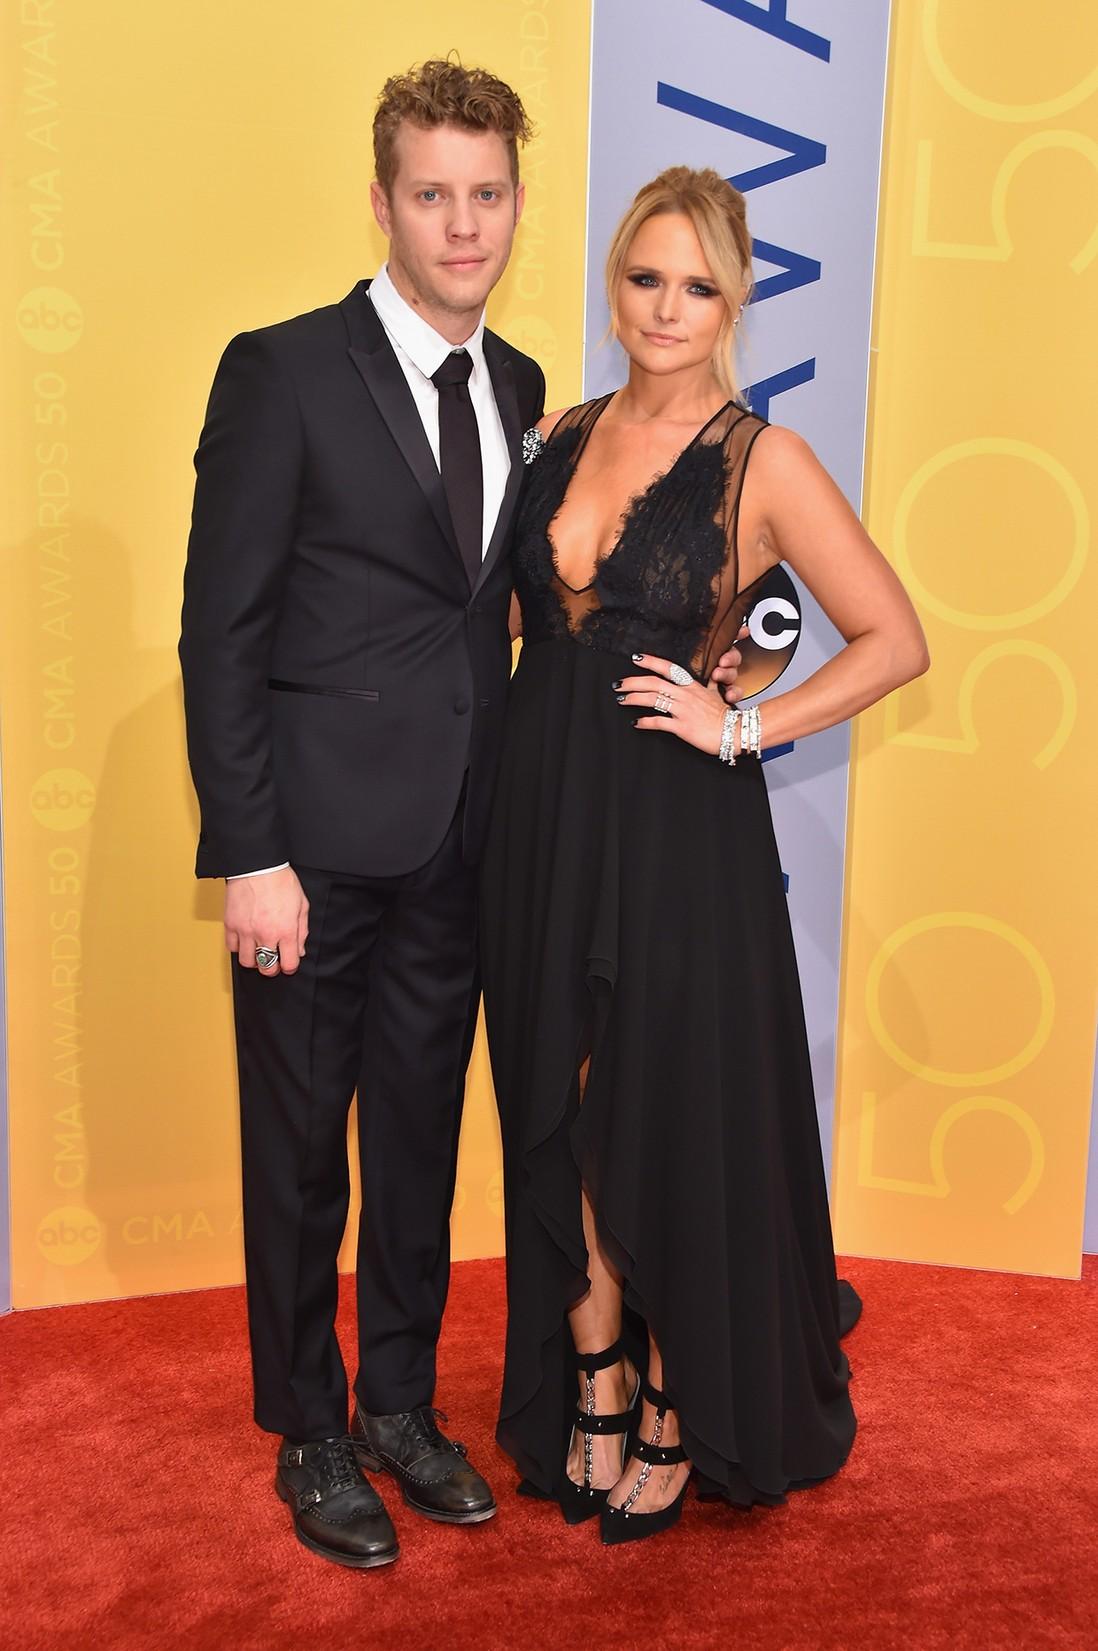 Anderson East & Miranda Lambert